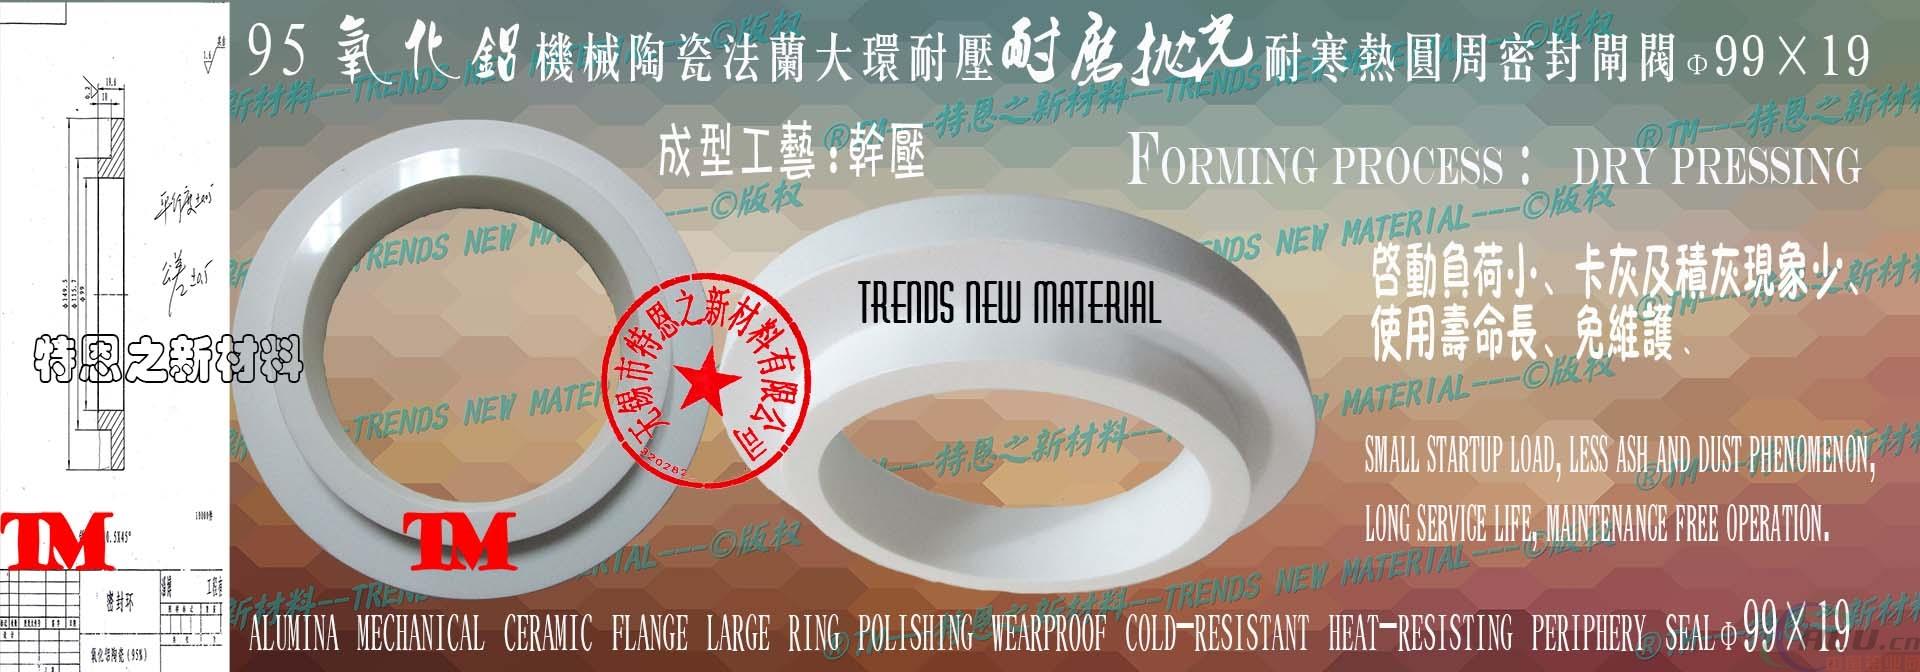 氧化铝陶瓷法兰环抛光耐压耐磨圆周密封闸阀